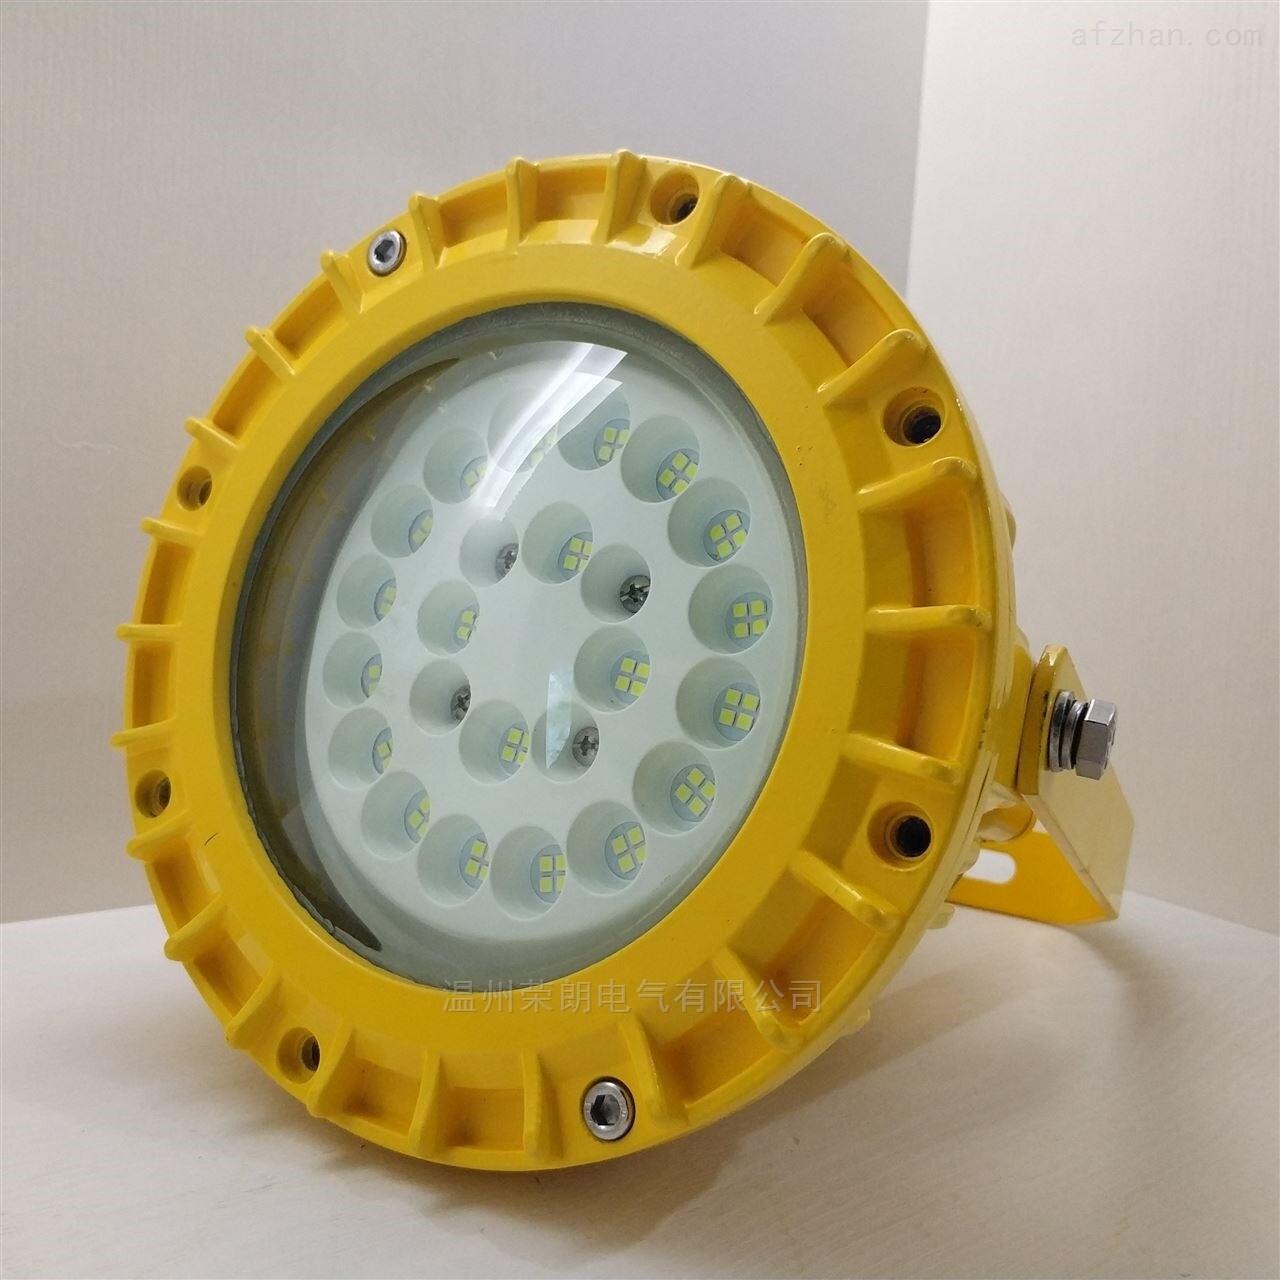 圆形LED防爆泛光灯/工厂防爆灯功率100W报价